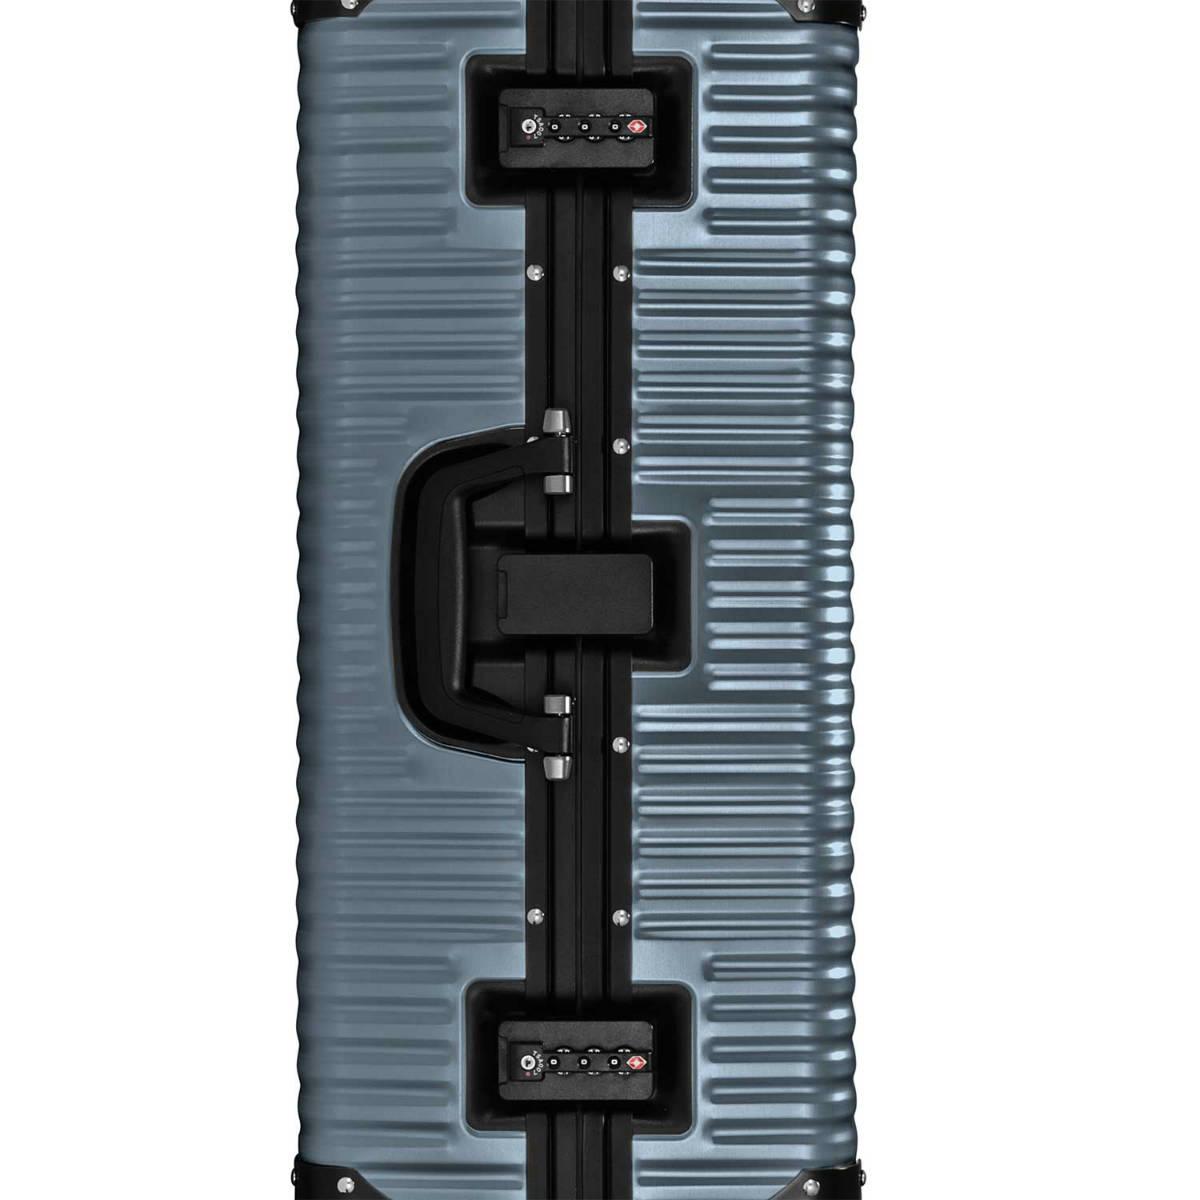 【クリアランスセール・GoTo トラベル】ランツォ LANZZO Norman ノーマン 4輪 87L 約7.0kg ダイアルロック式 アルミ スーツケース Al-Mg29 62906 GRY(グレー)【返品交換不可】special priceAM